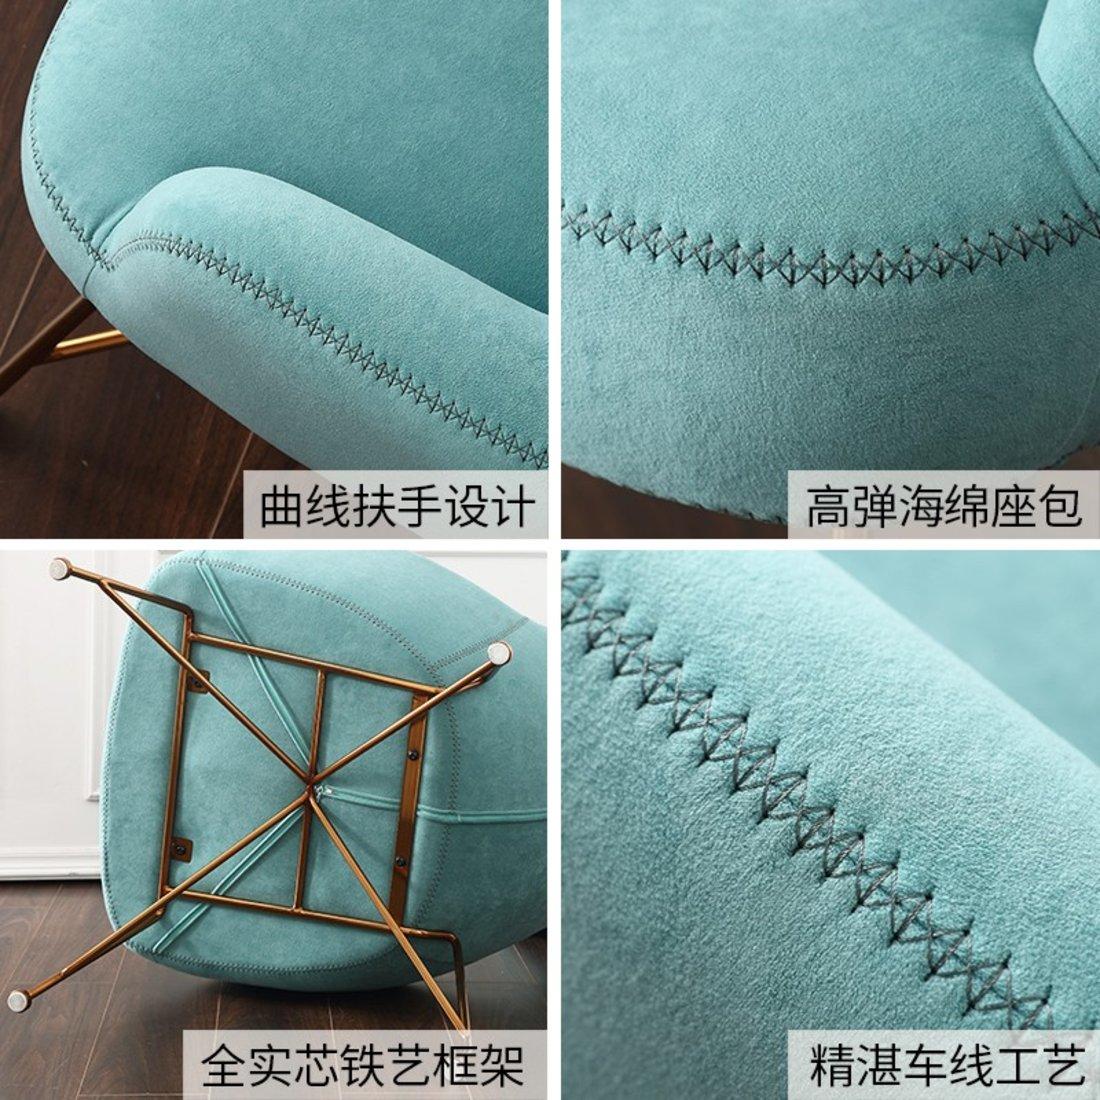 「休闲椅」单人铁艺高靠背皮椅